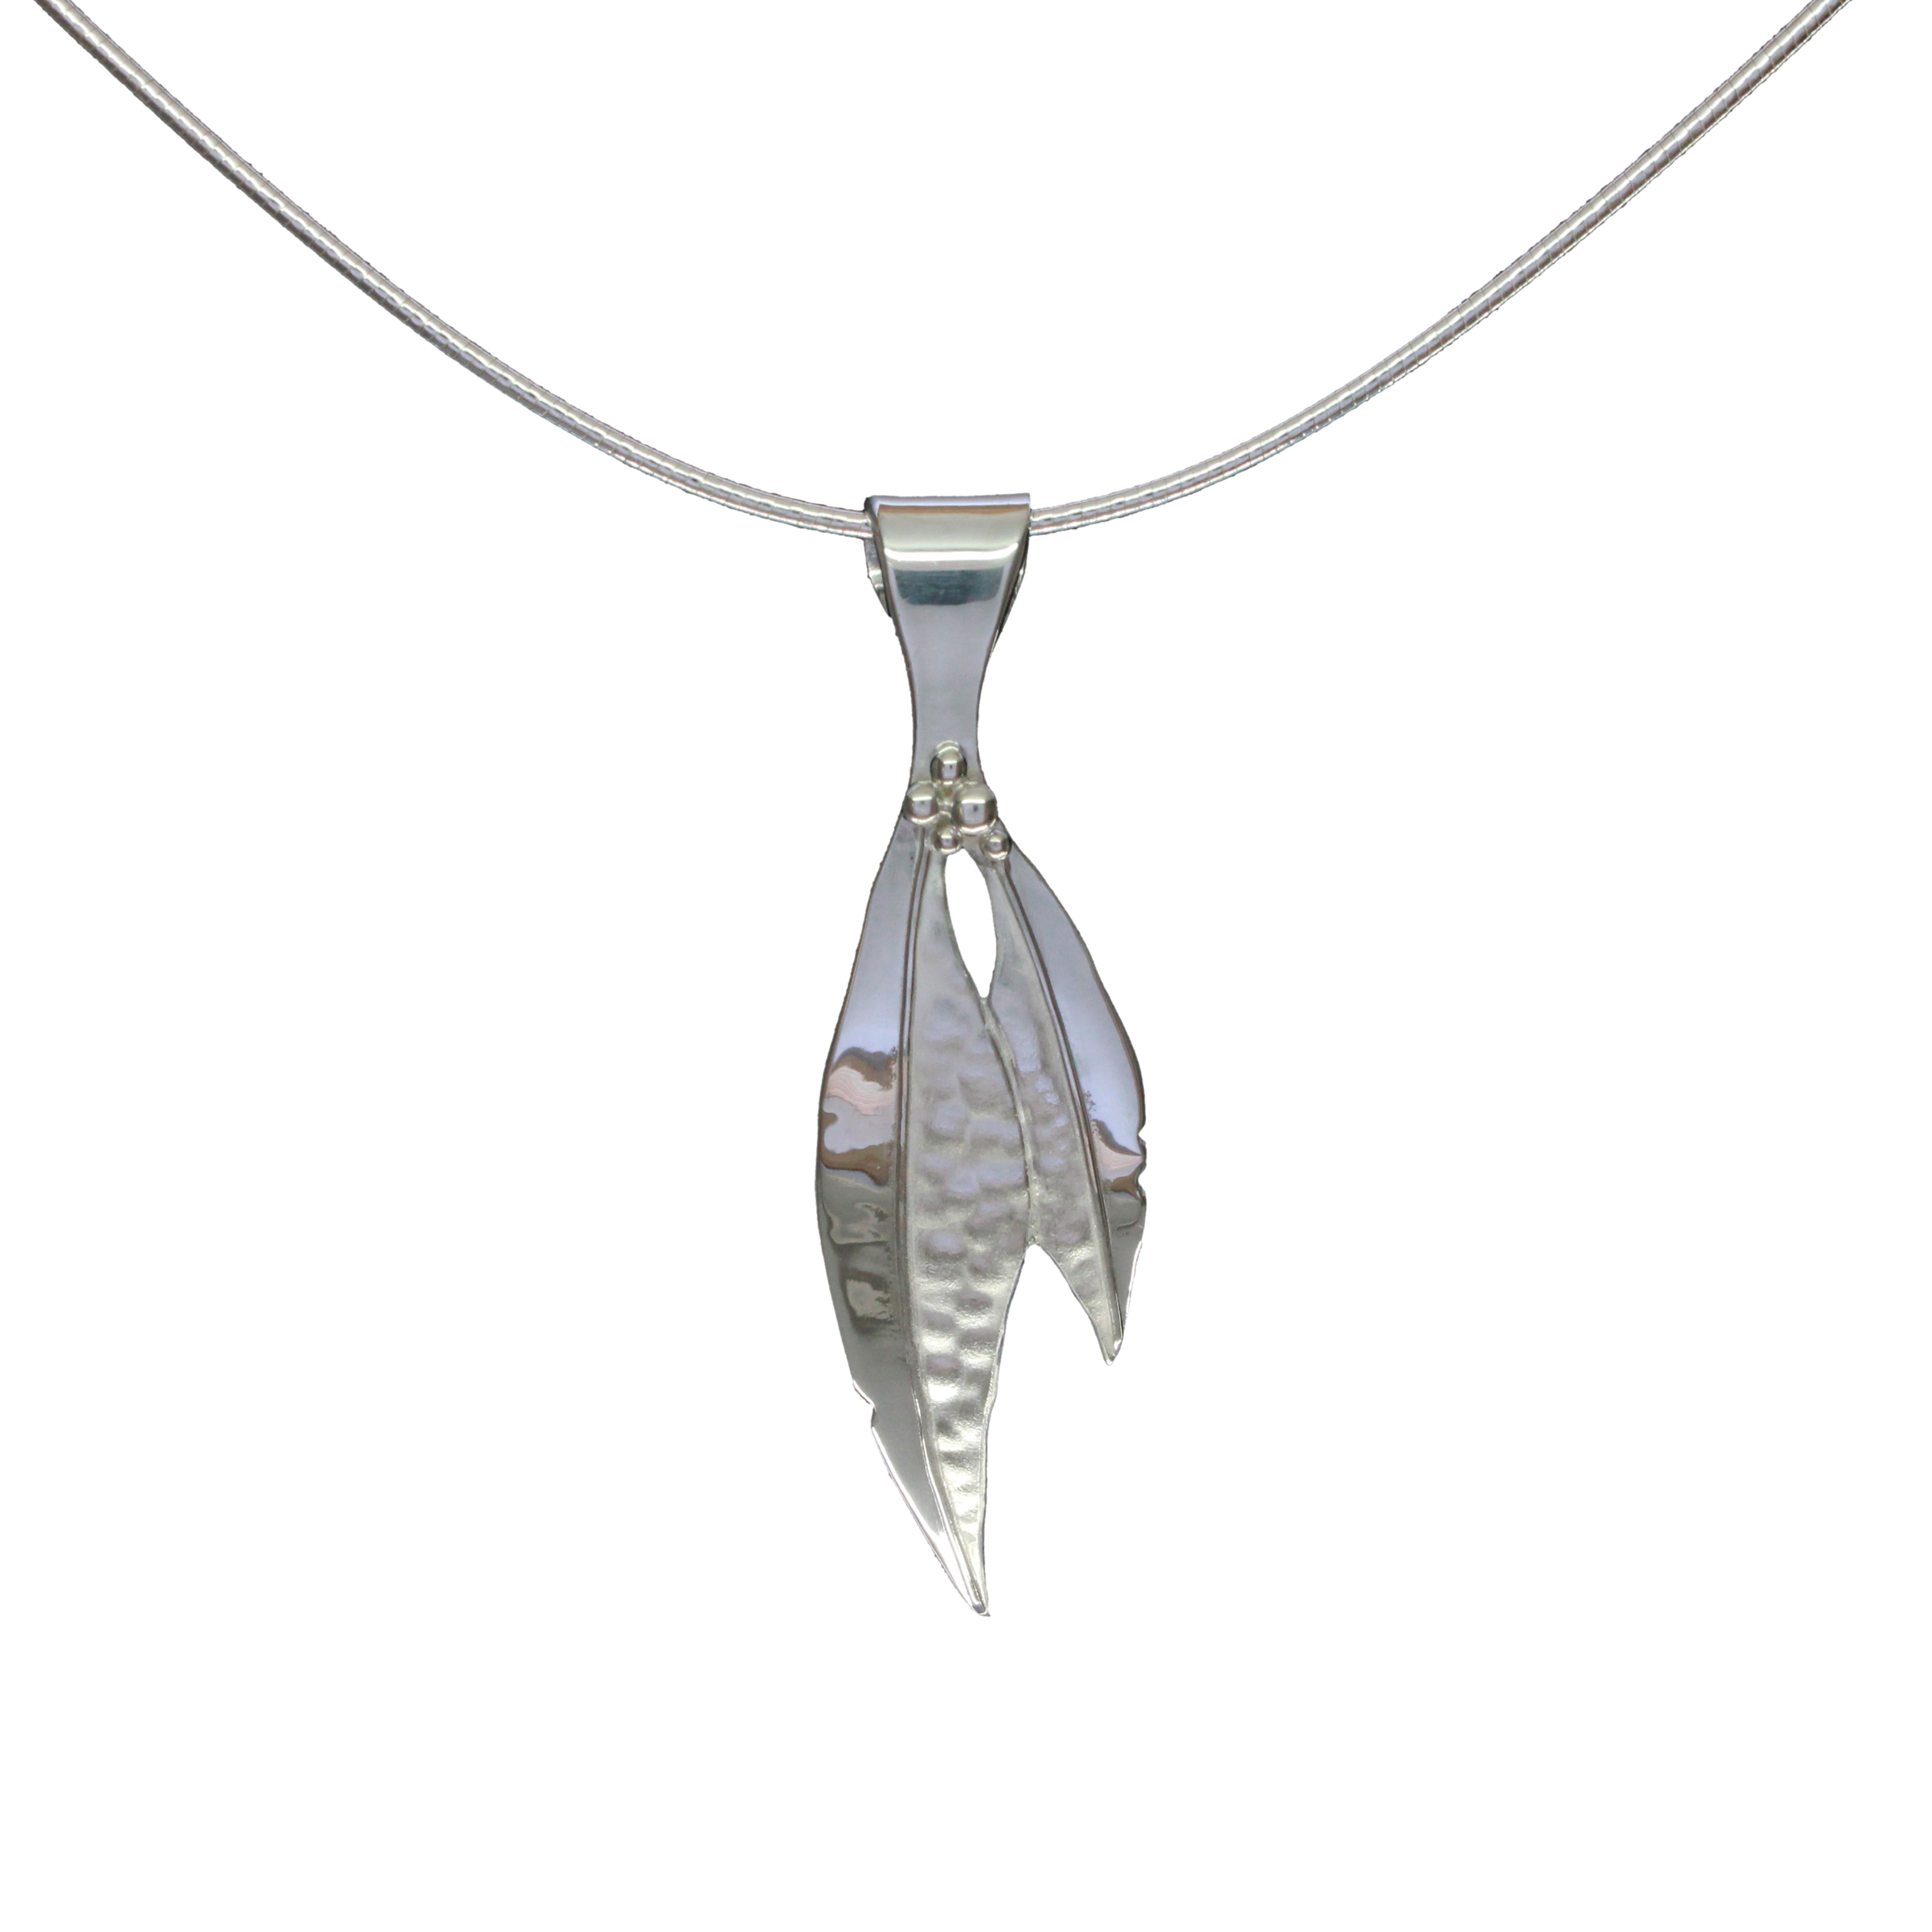 Gumleaf pendant